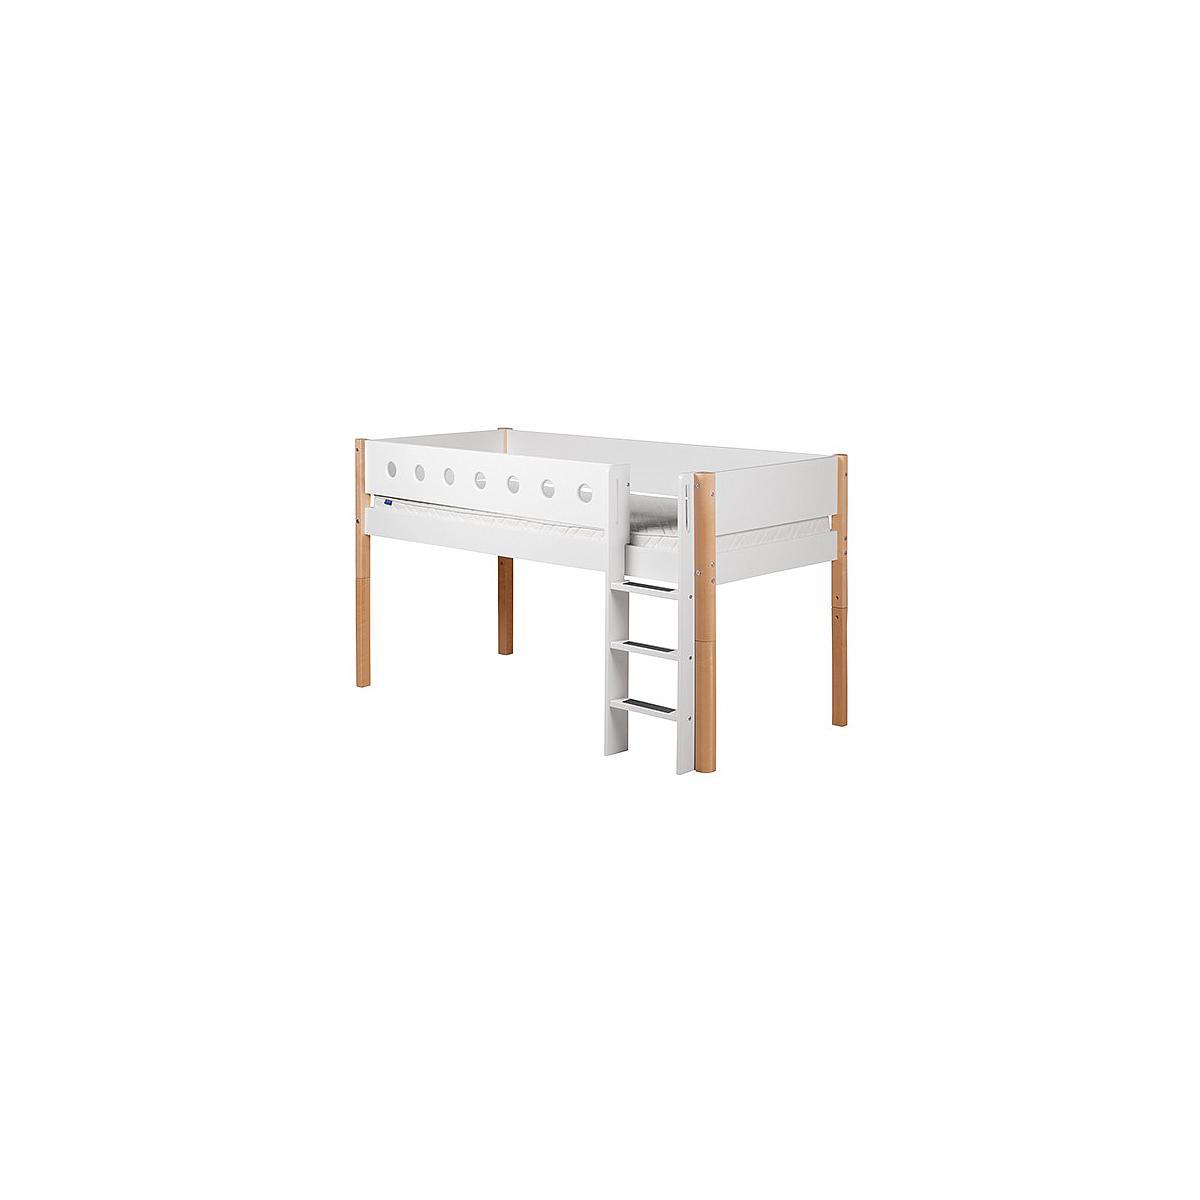 WHITE by Flexa Lit mi-hauteur en MDF 90x190 cm avec barrière de sécurité blanche et pieds en bouleau naturel